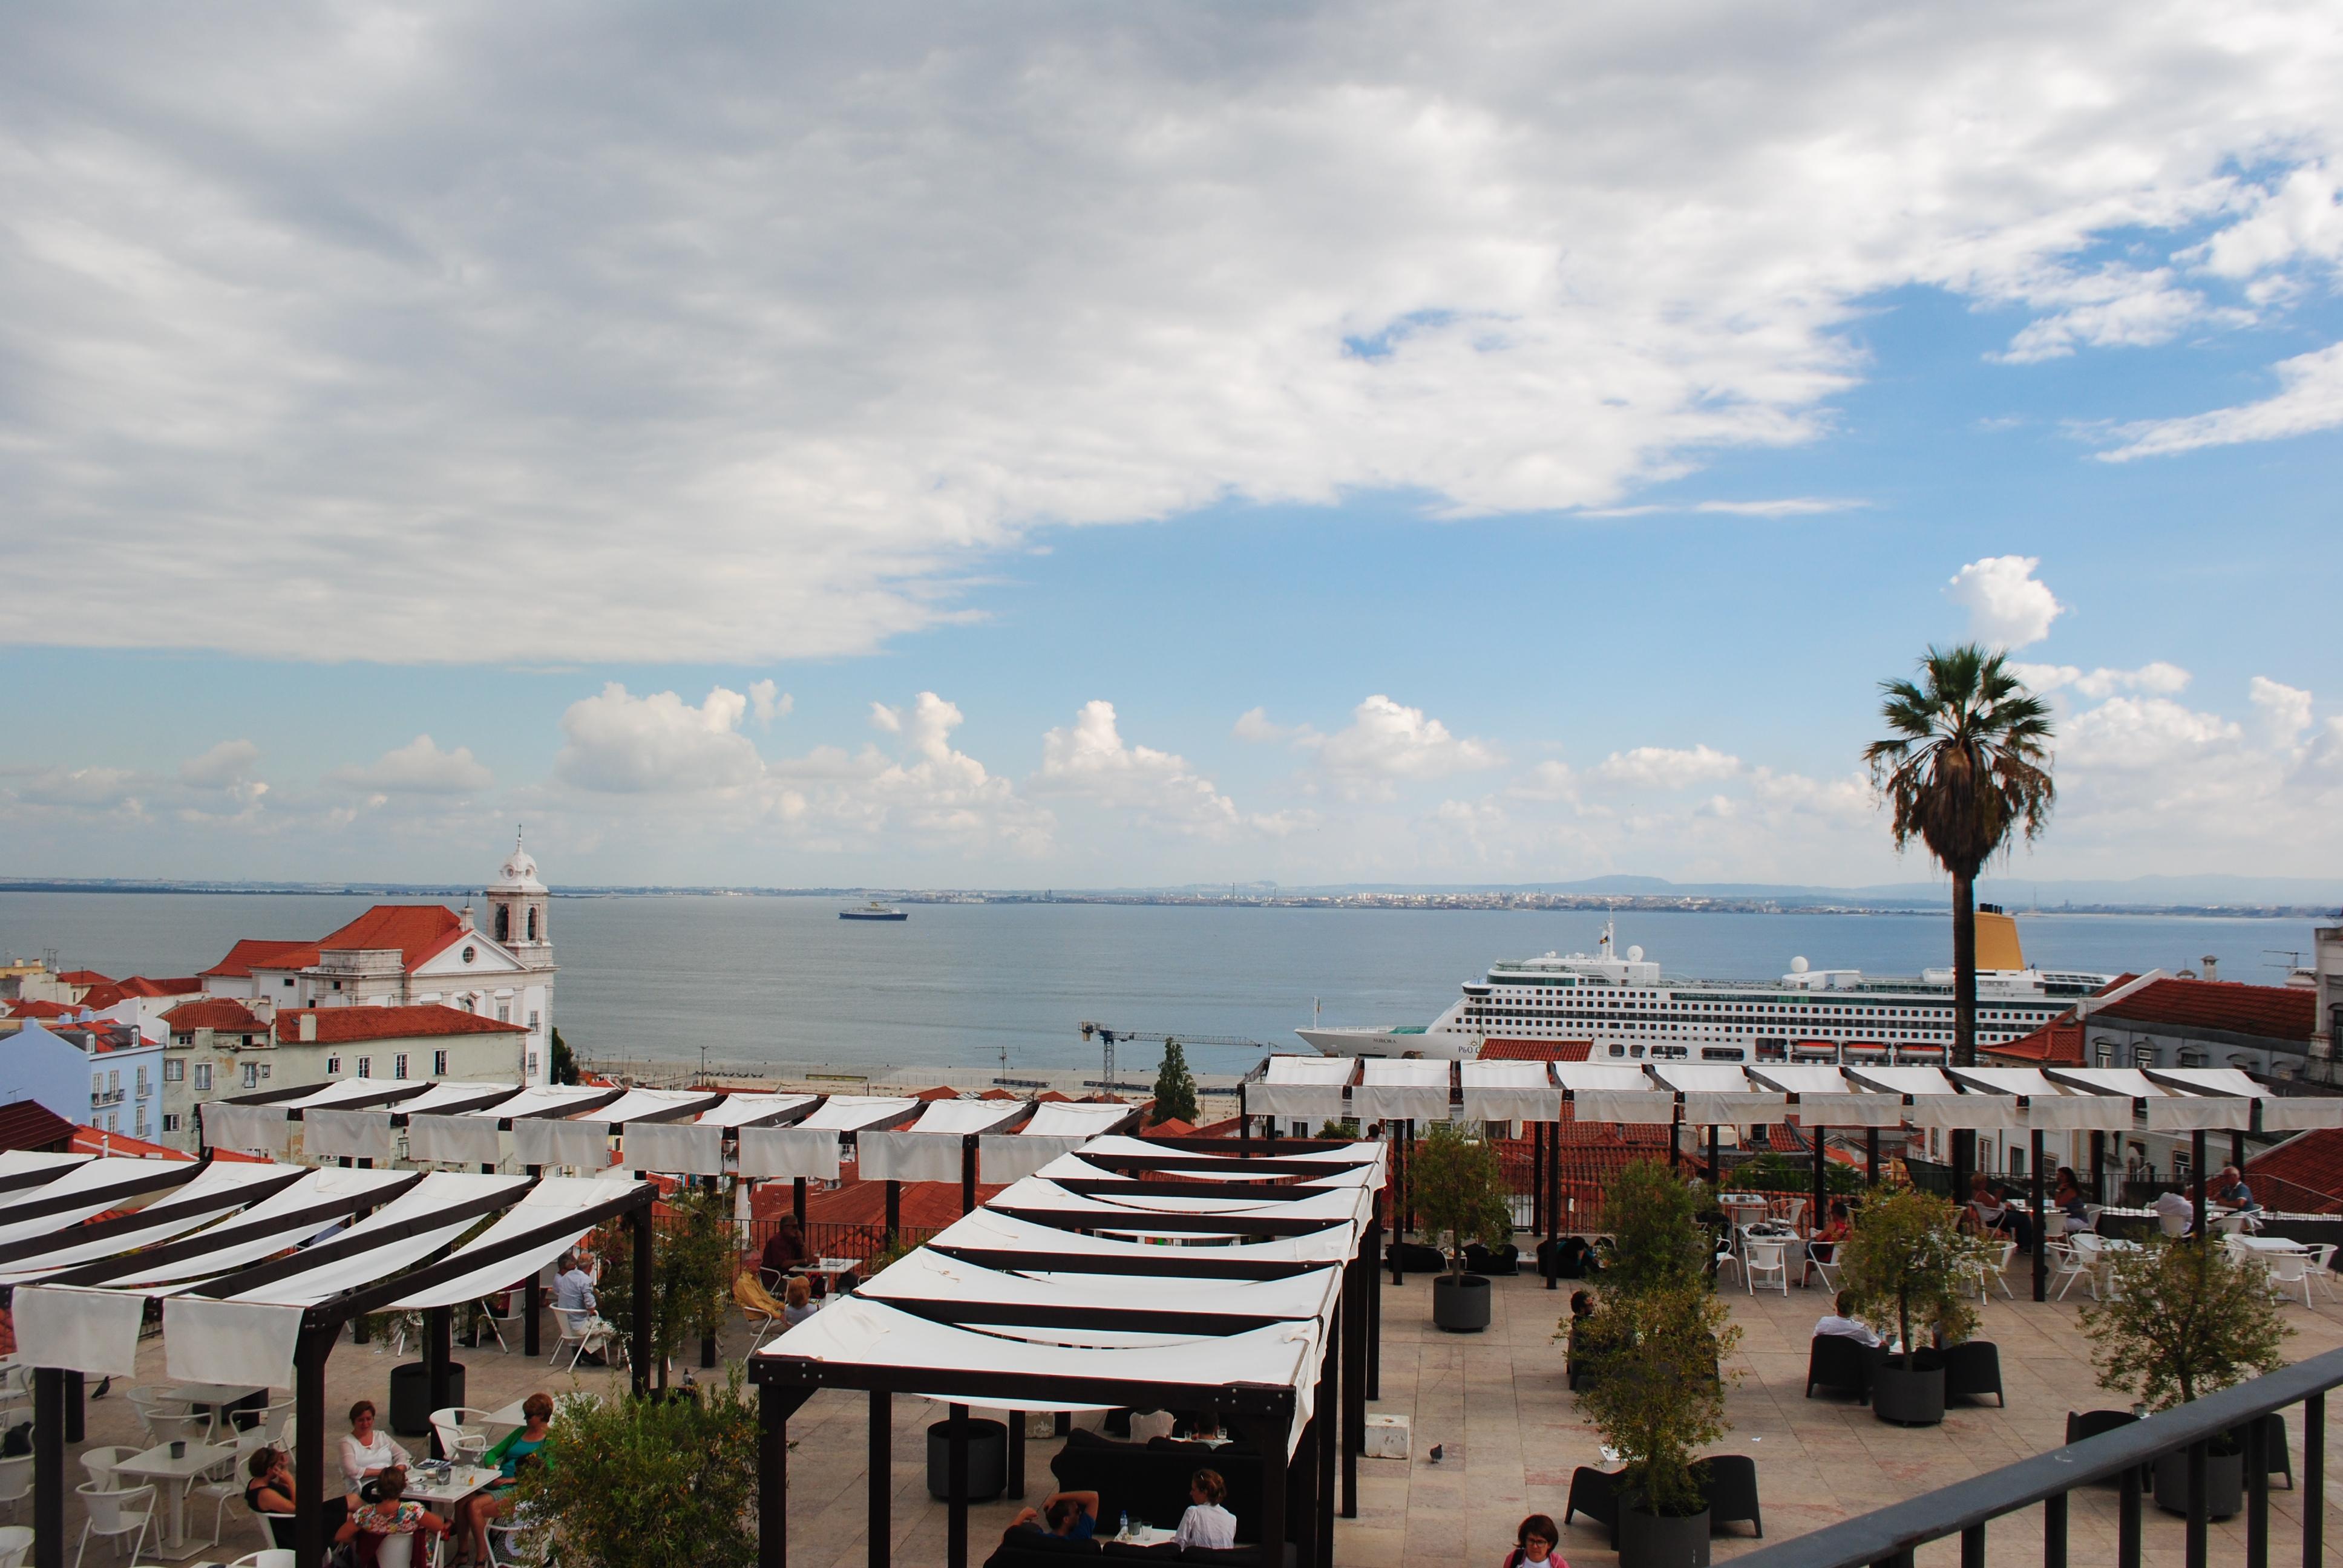 WIELKANOC 2018 -> PORTUGALIA - WIOSNA 2018: Fenicius Charme Hotel***, 5 dni (30.03-03.04.2018 r.), śniadania: 1899,00 PLN/osoba